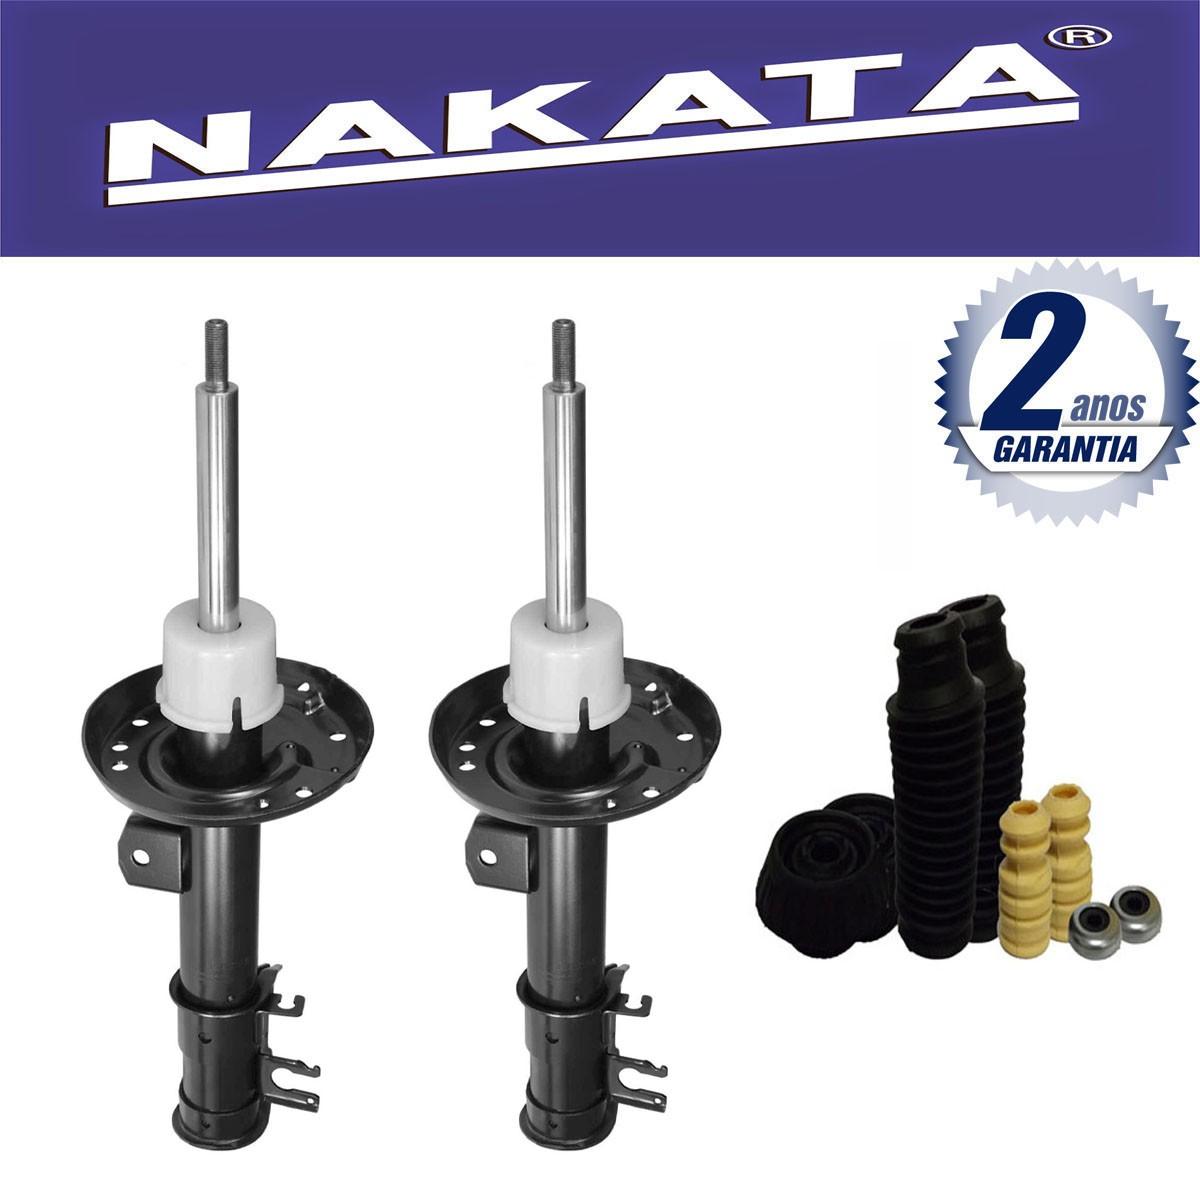 Par de Amortecedores Dianteiro Nakata Honda City 2009 Até 2013 + Kit da Suspensão